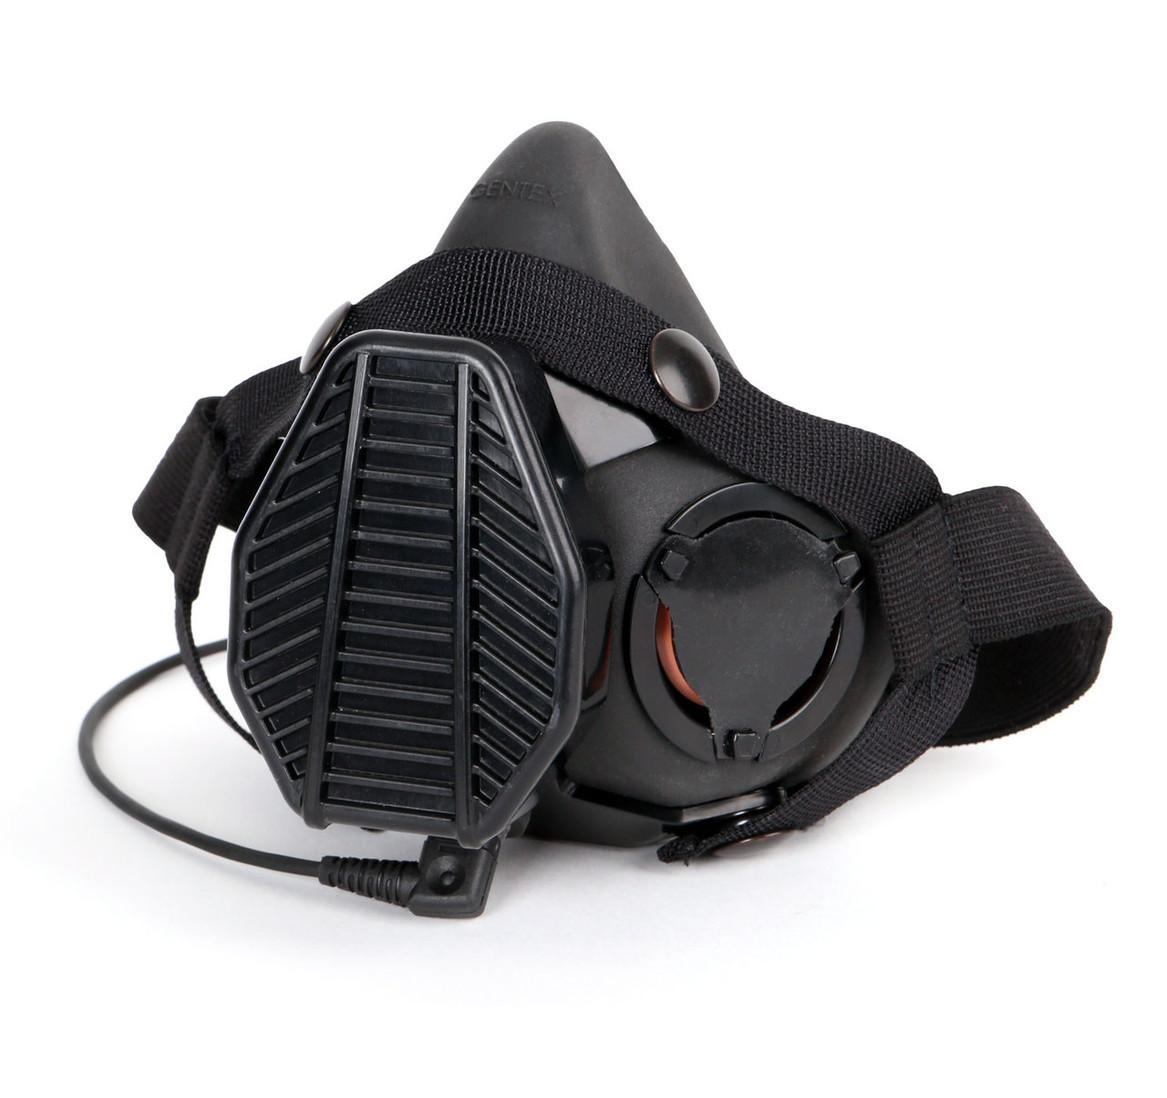 Special Operations Tactical Respirator (SOTR)